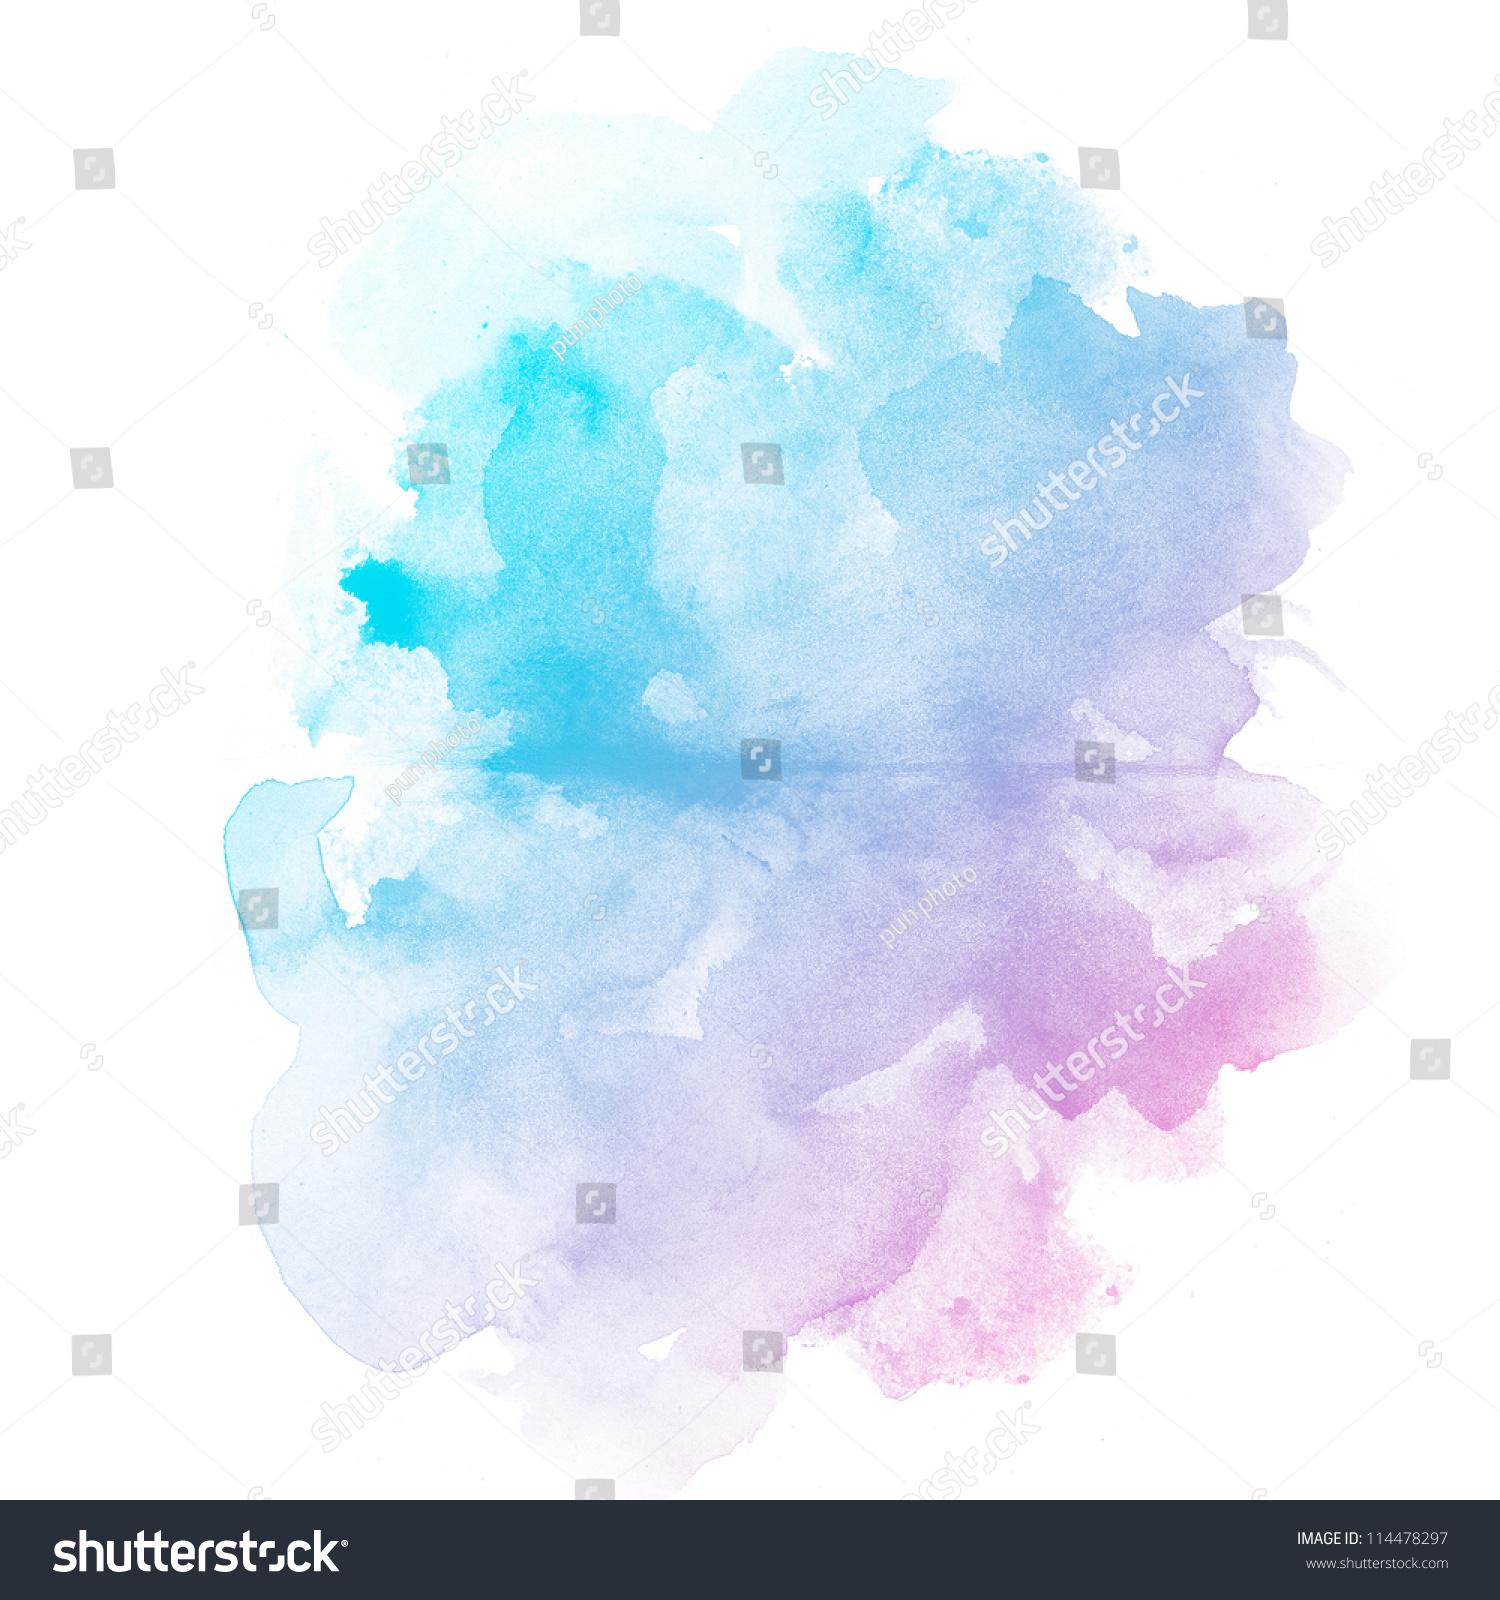 中文摘要水彩艺术手绘背景-艺术,抽象-海洛创意()-合.